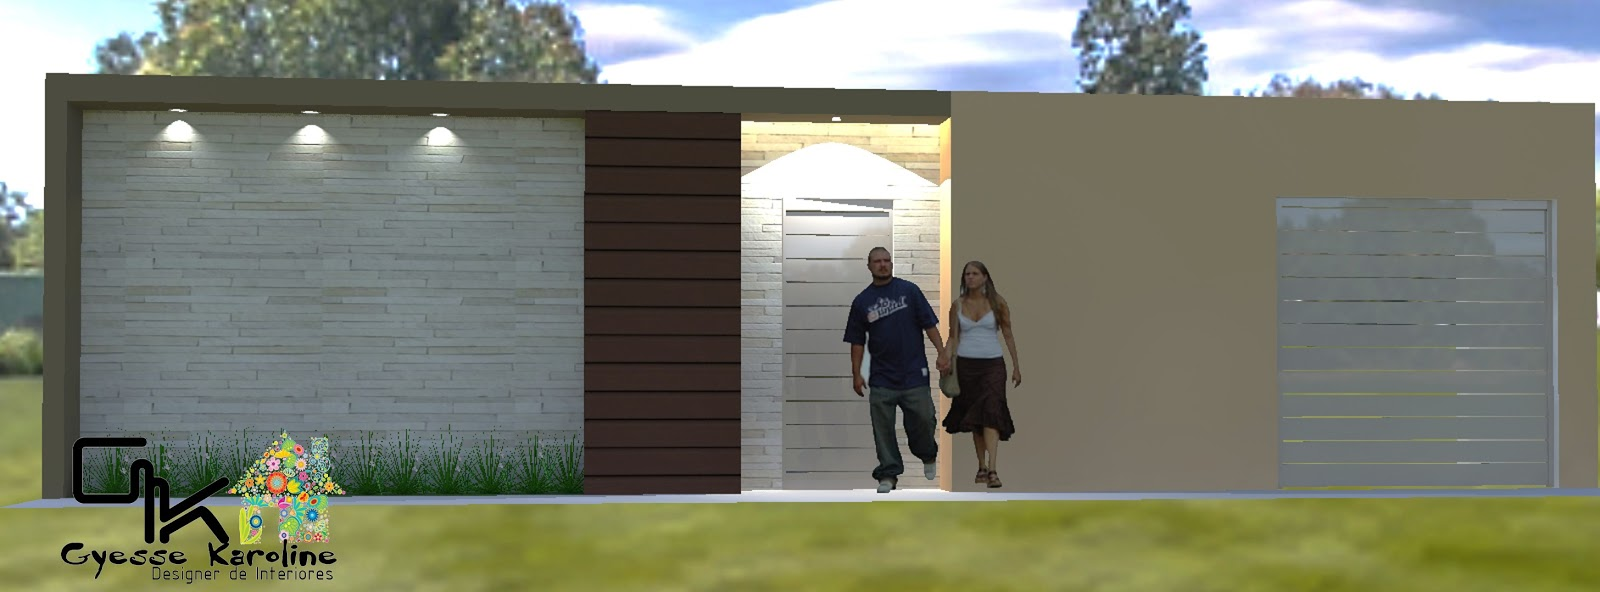 Fabuloso Construindo Minha Casa Clean: Fachadas! Muros, grades e portões  ZQ99